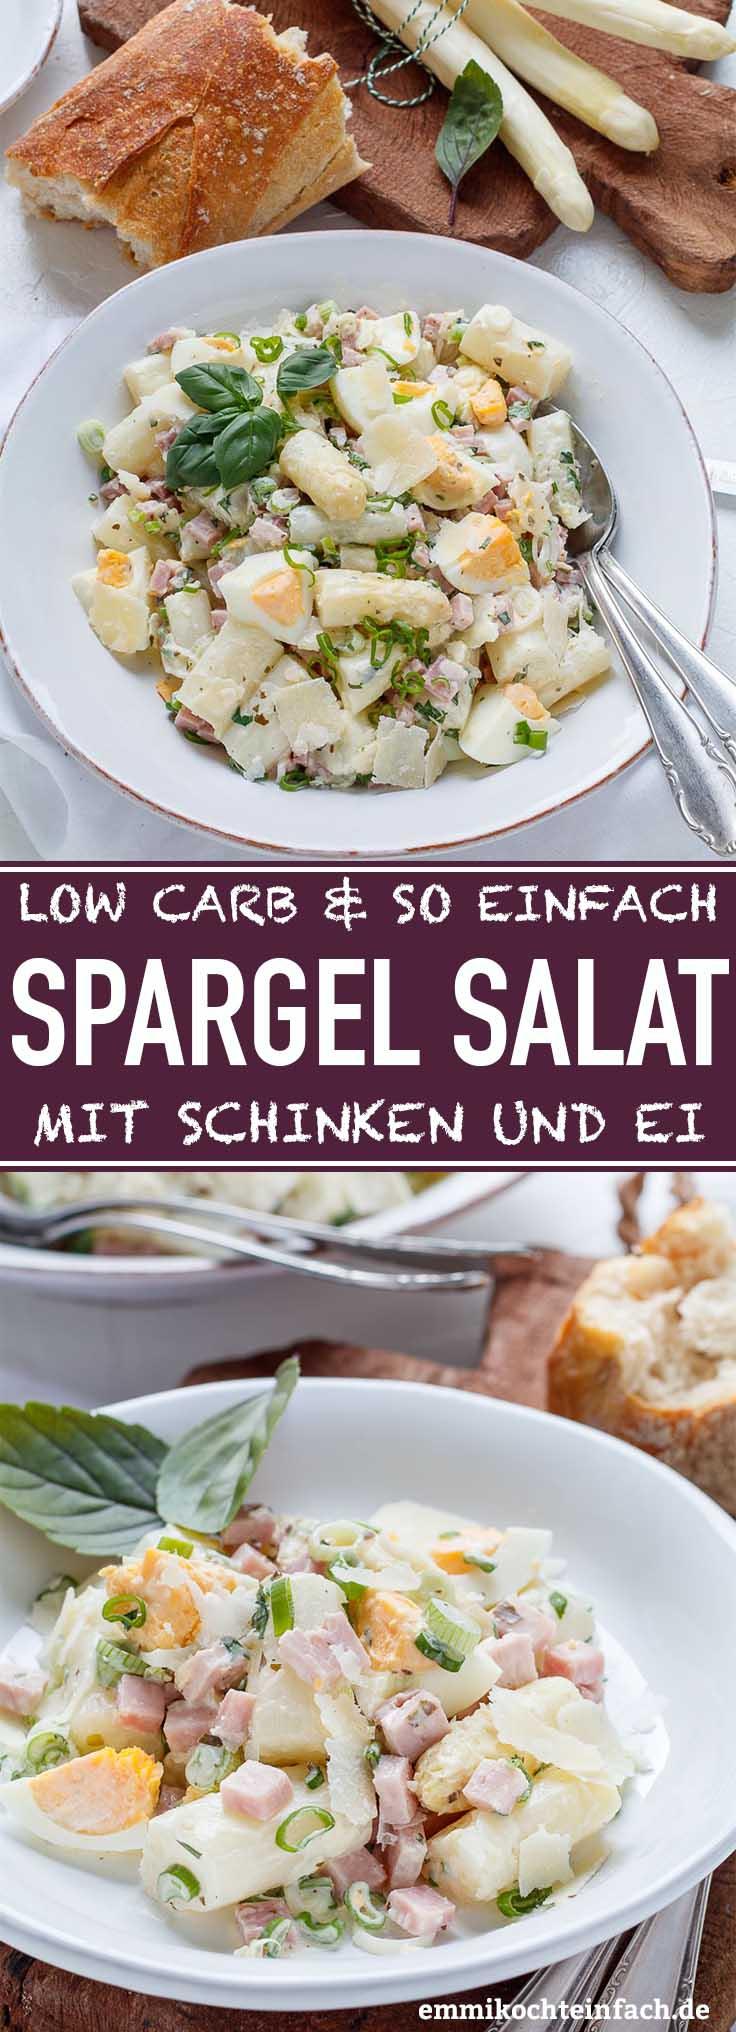 Low Carb Spargelsalat in 30 Minuten ganz einfach gemacht - www.emmikochteinfach.de